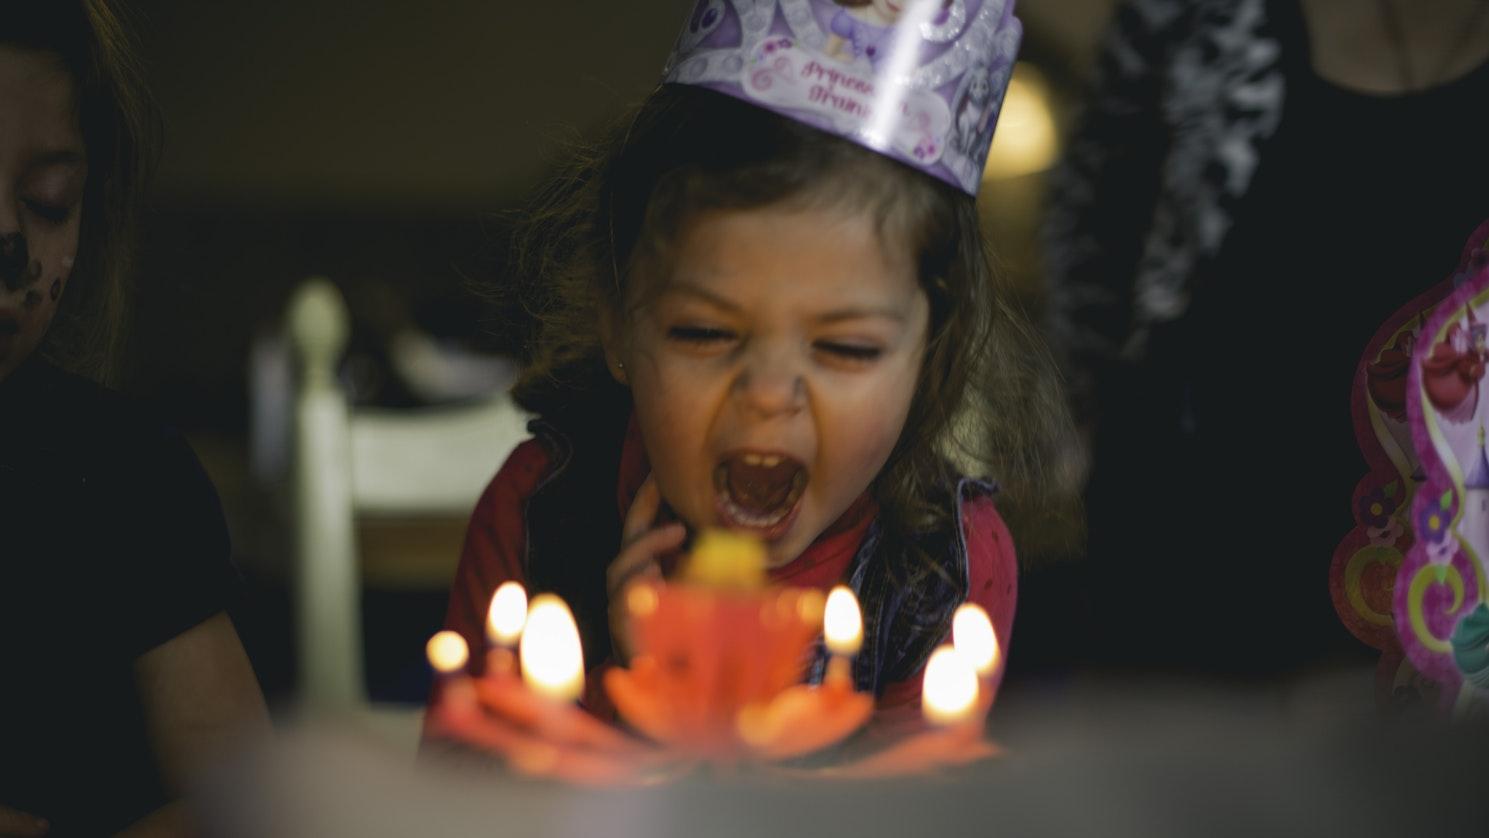 rojstnodnevne zabave